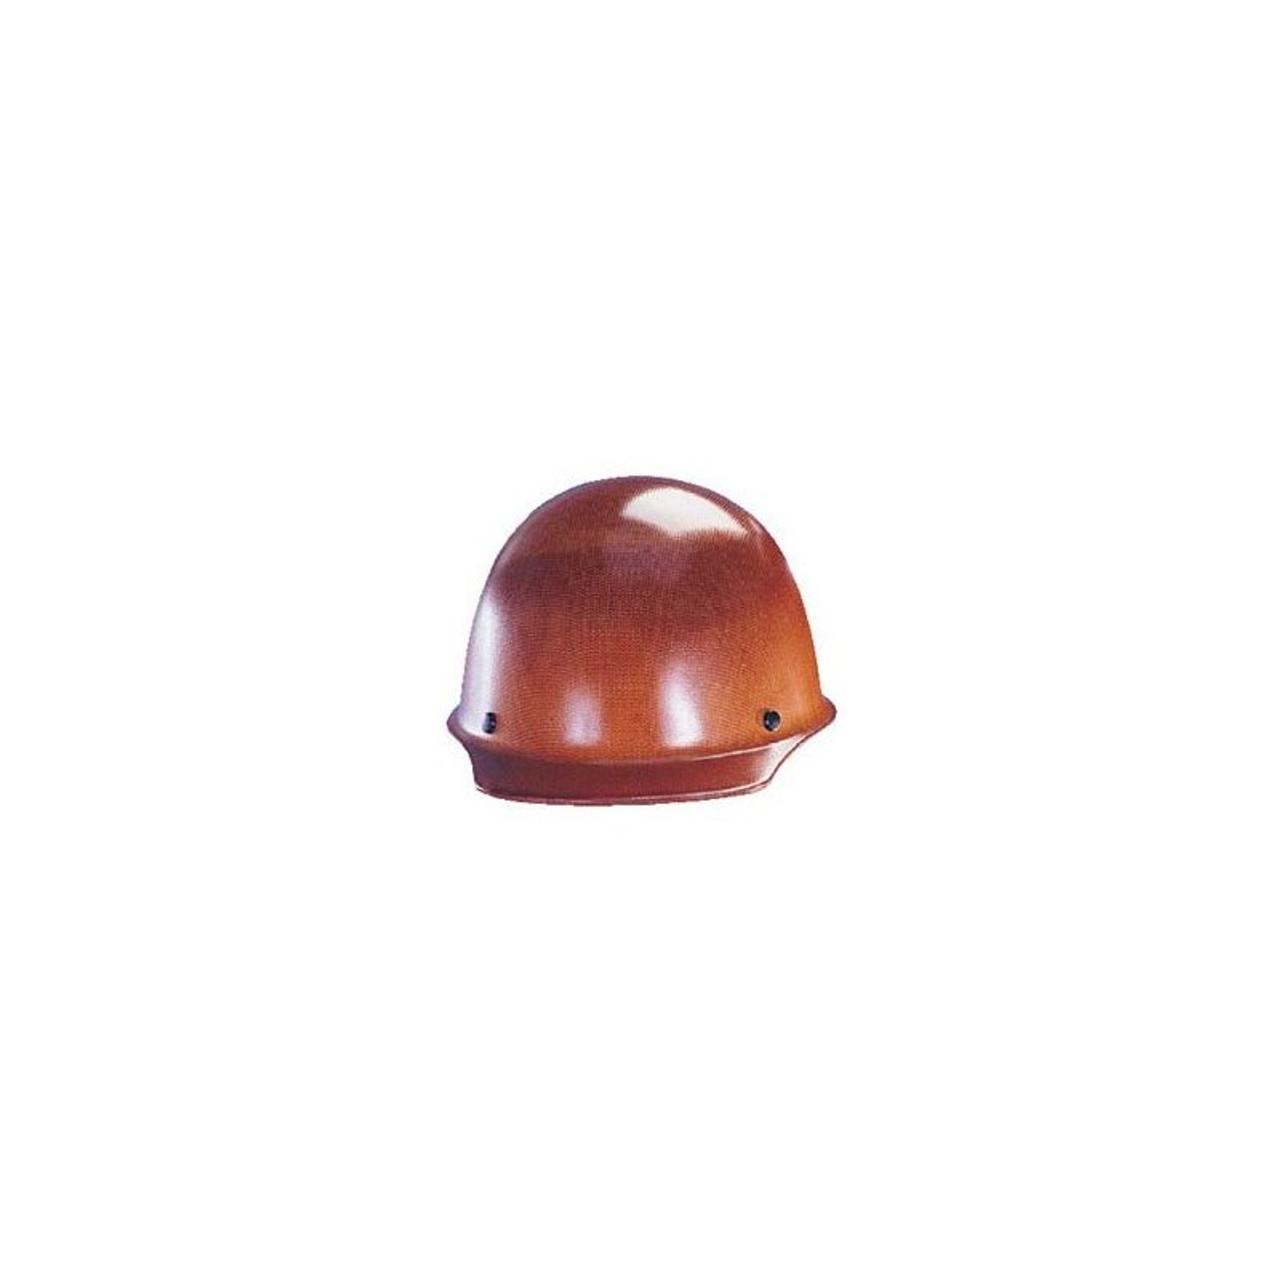 Medium Skullgard Protective Hard Cap, Fas-Trac Suspension - No  475395